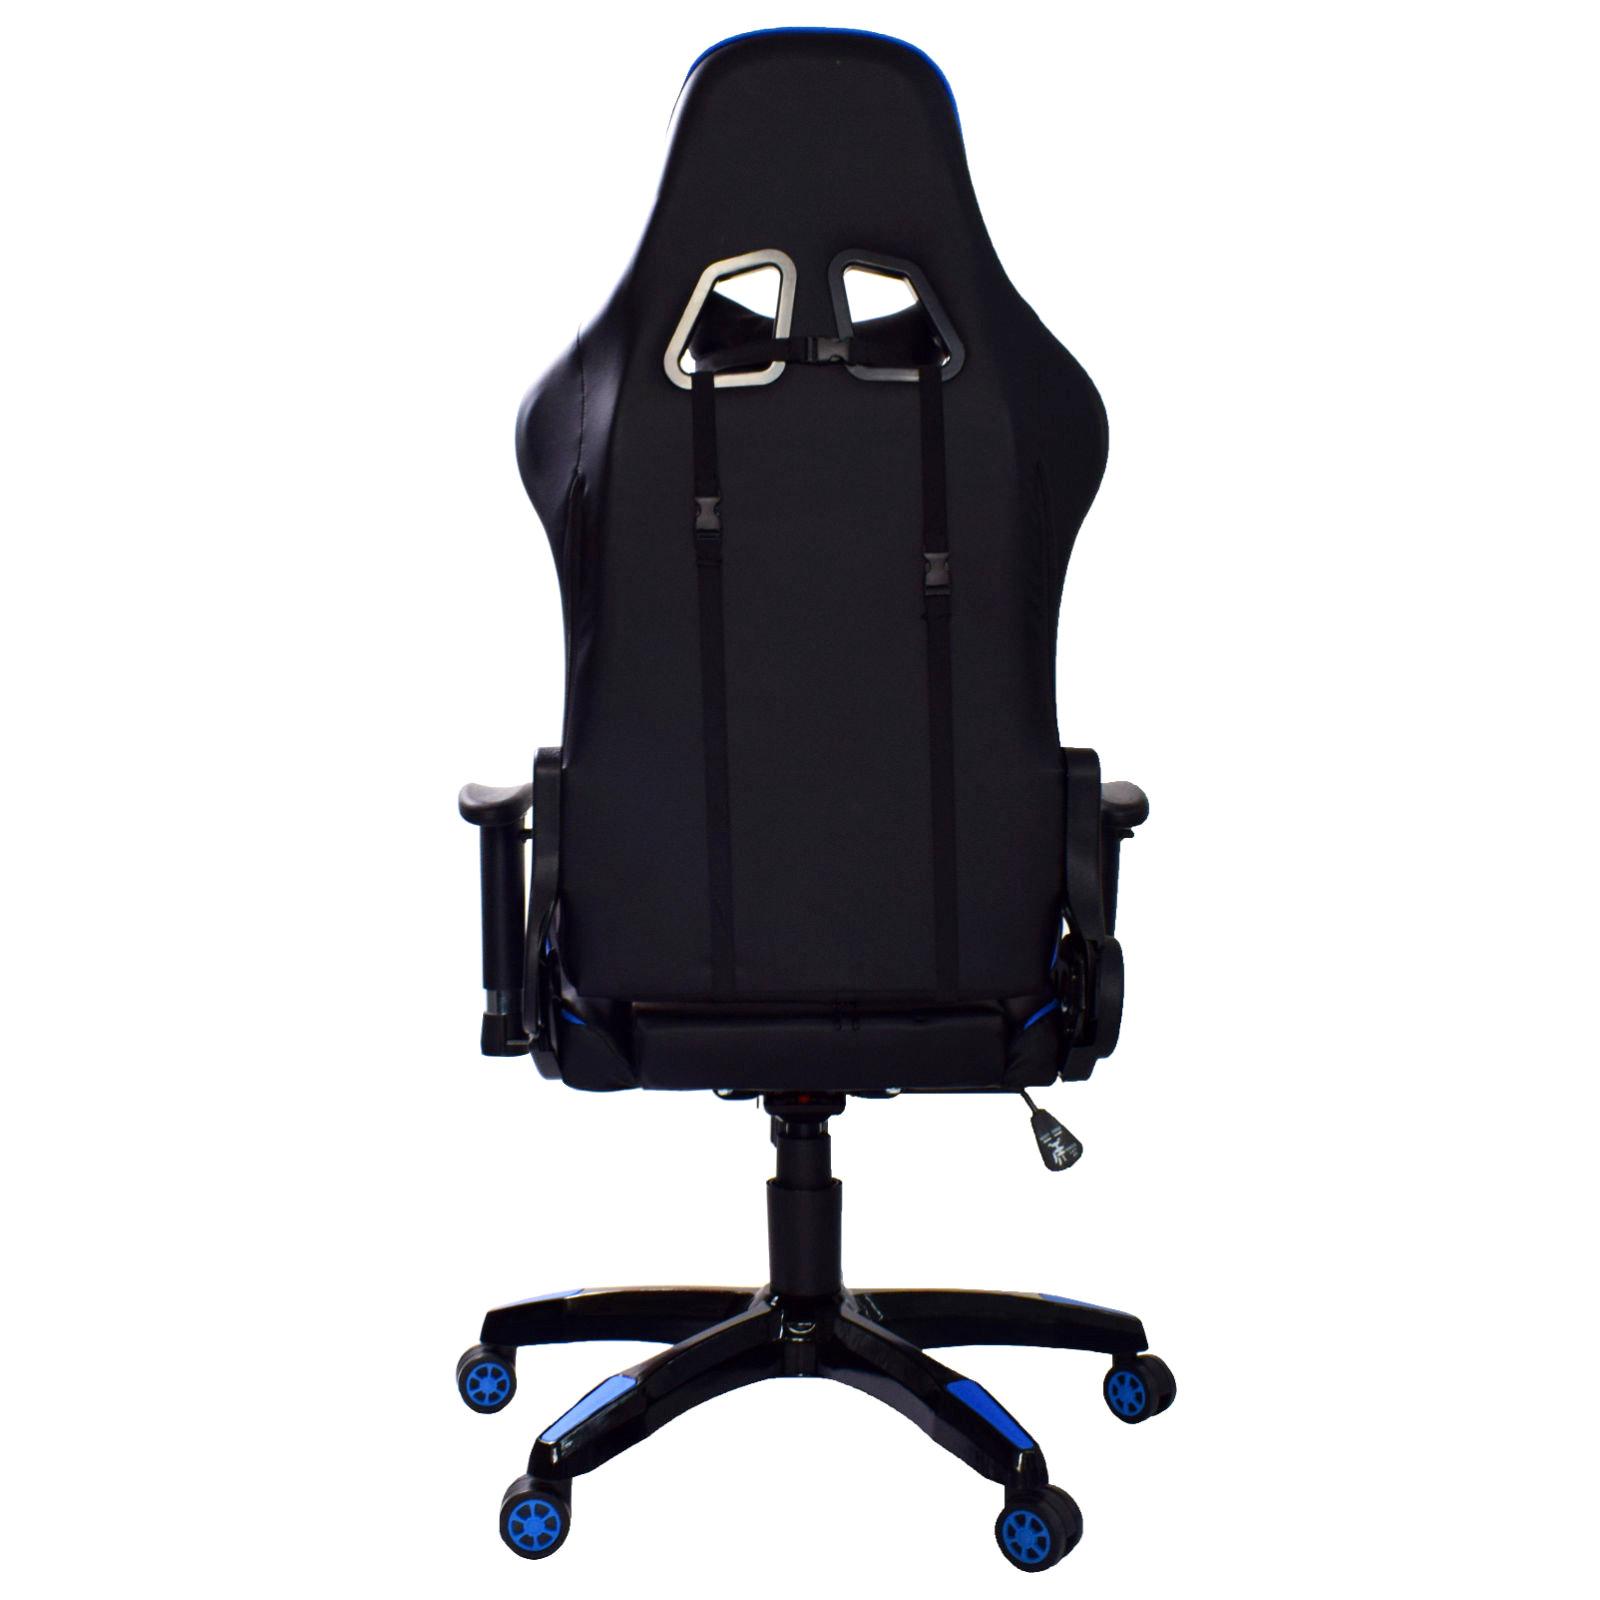 Gamingstuhl Sportsitz Sessel Drehstuhl Bürosessel Game Schreibtischstuhl Kissen